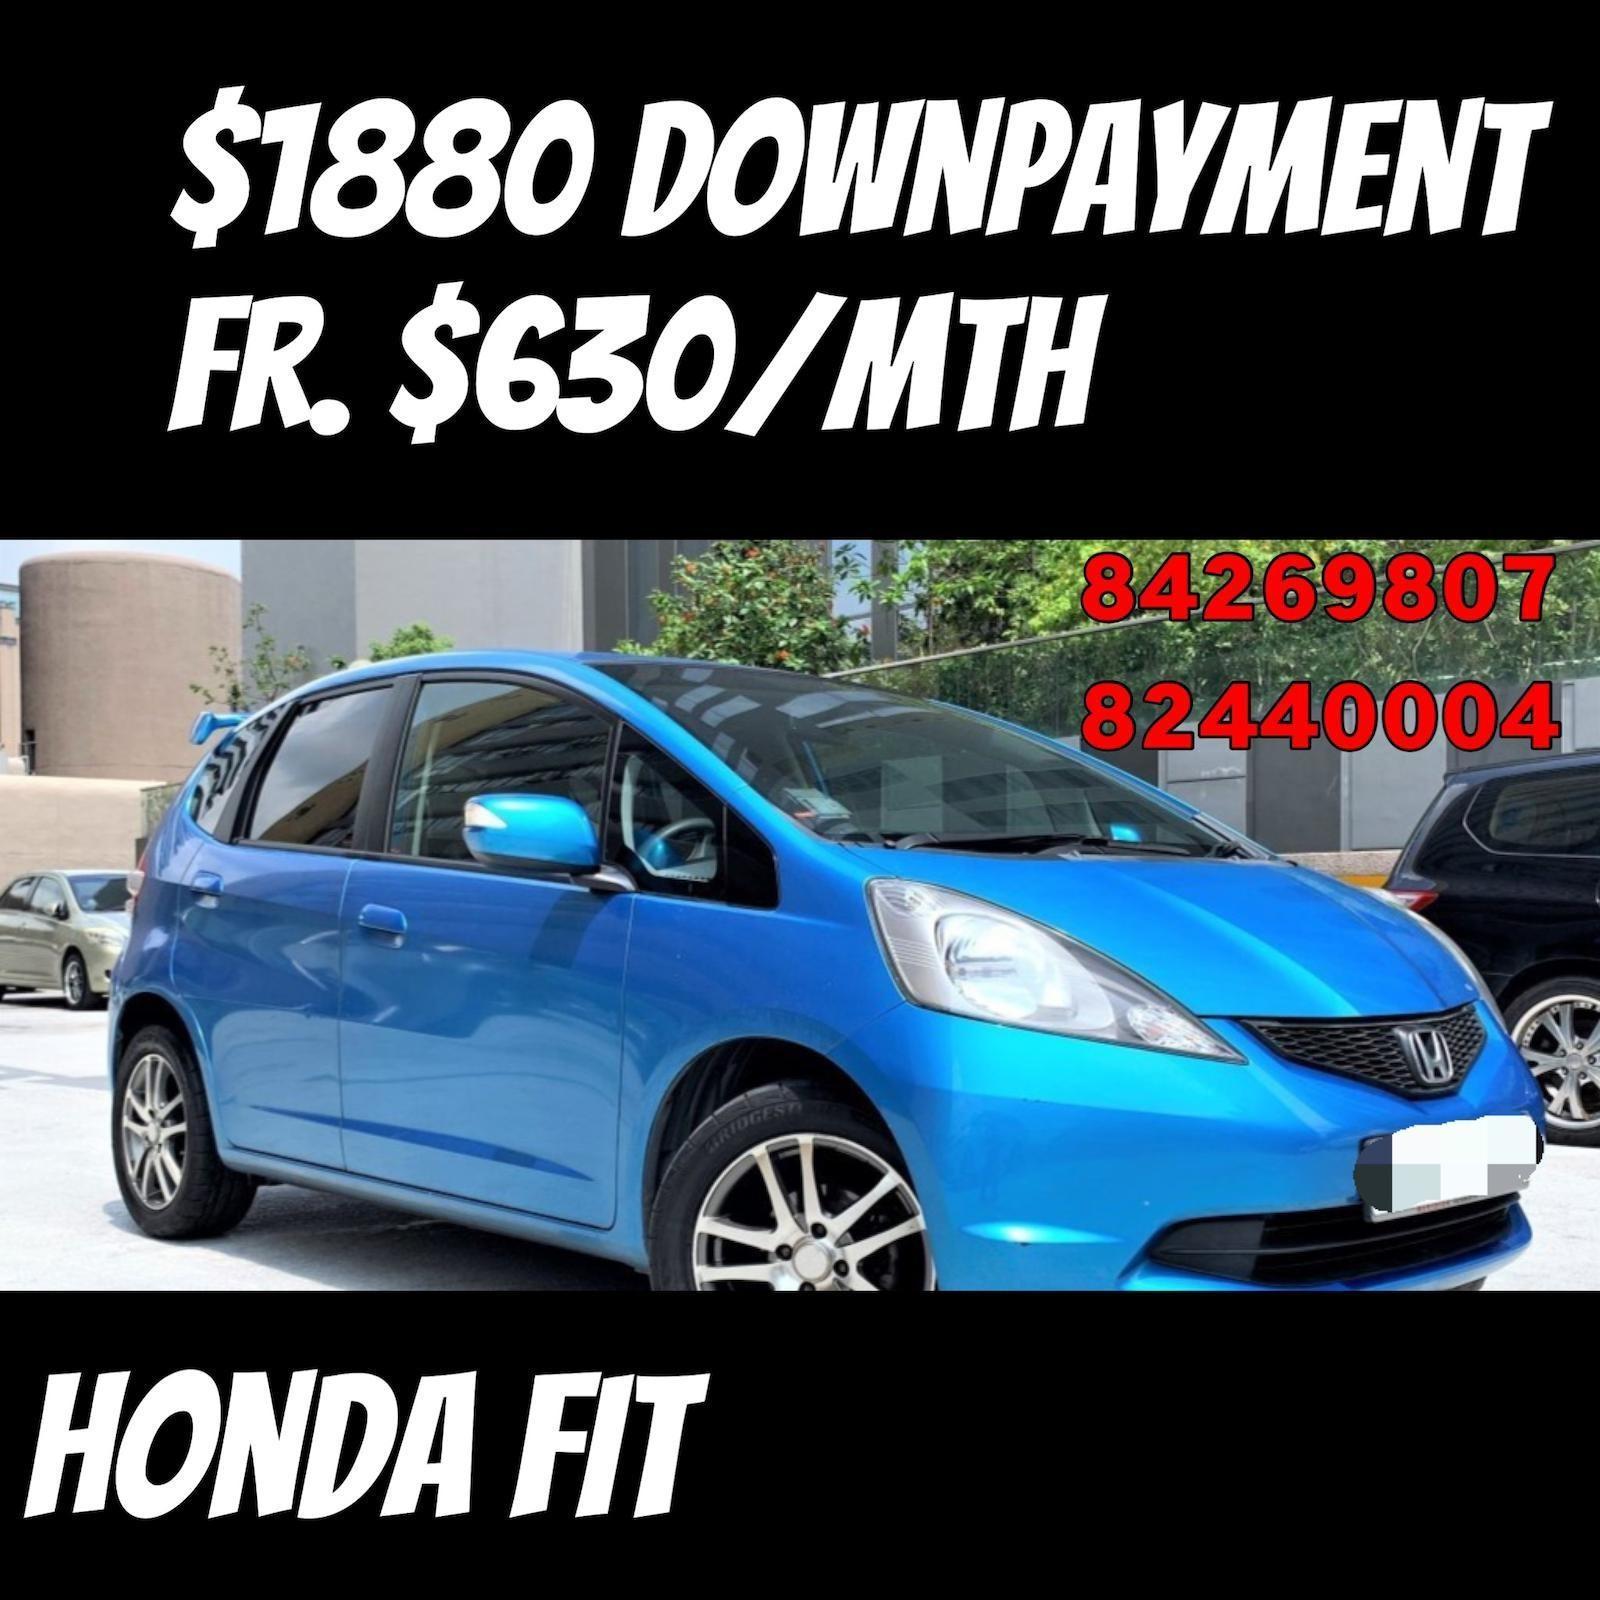 Honda HONDA FIT